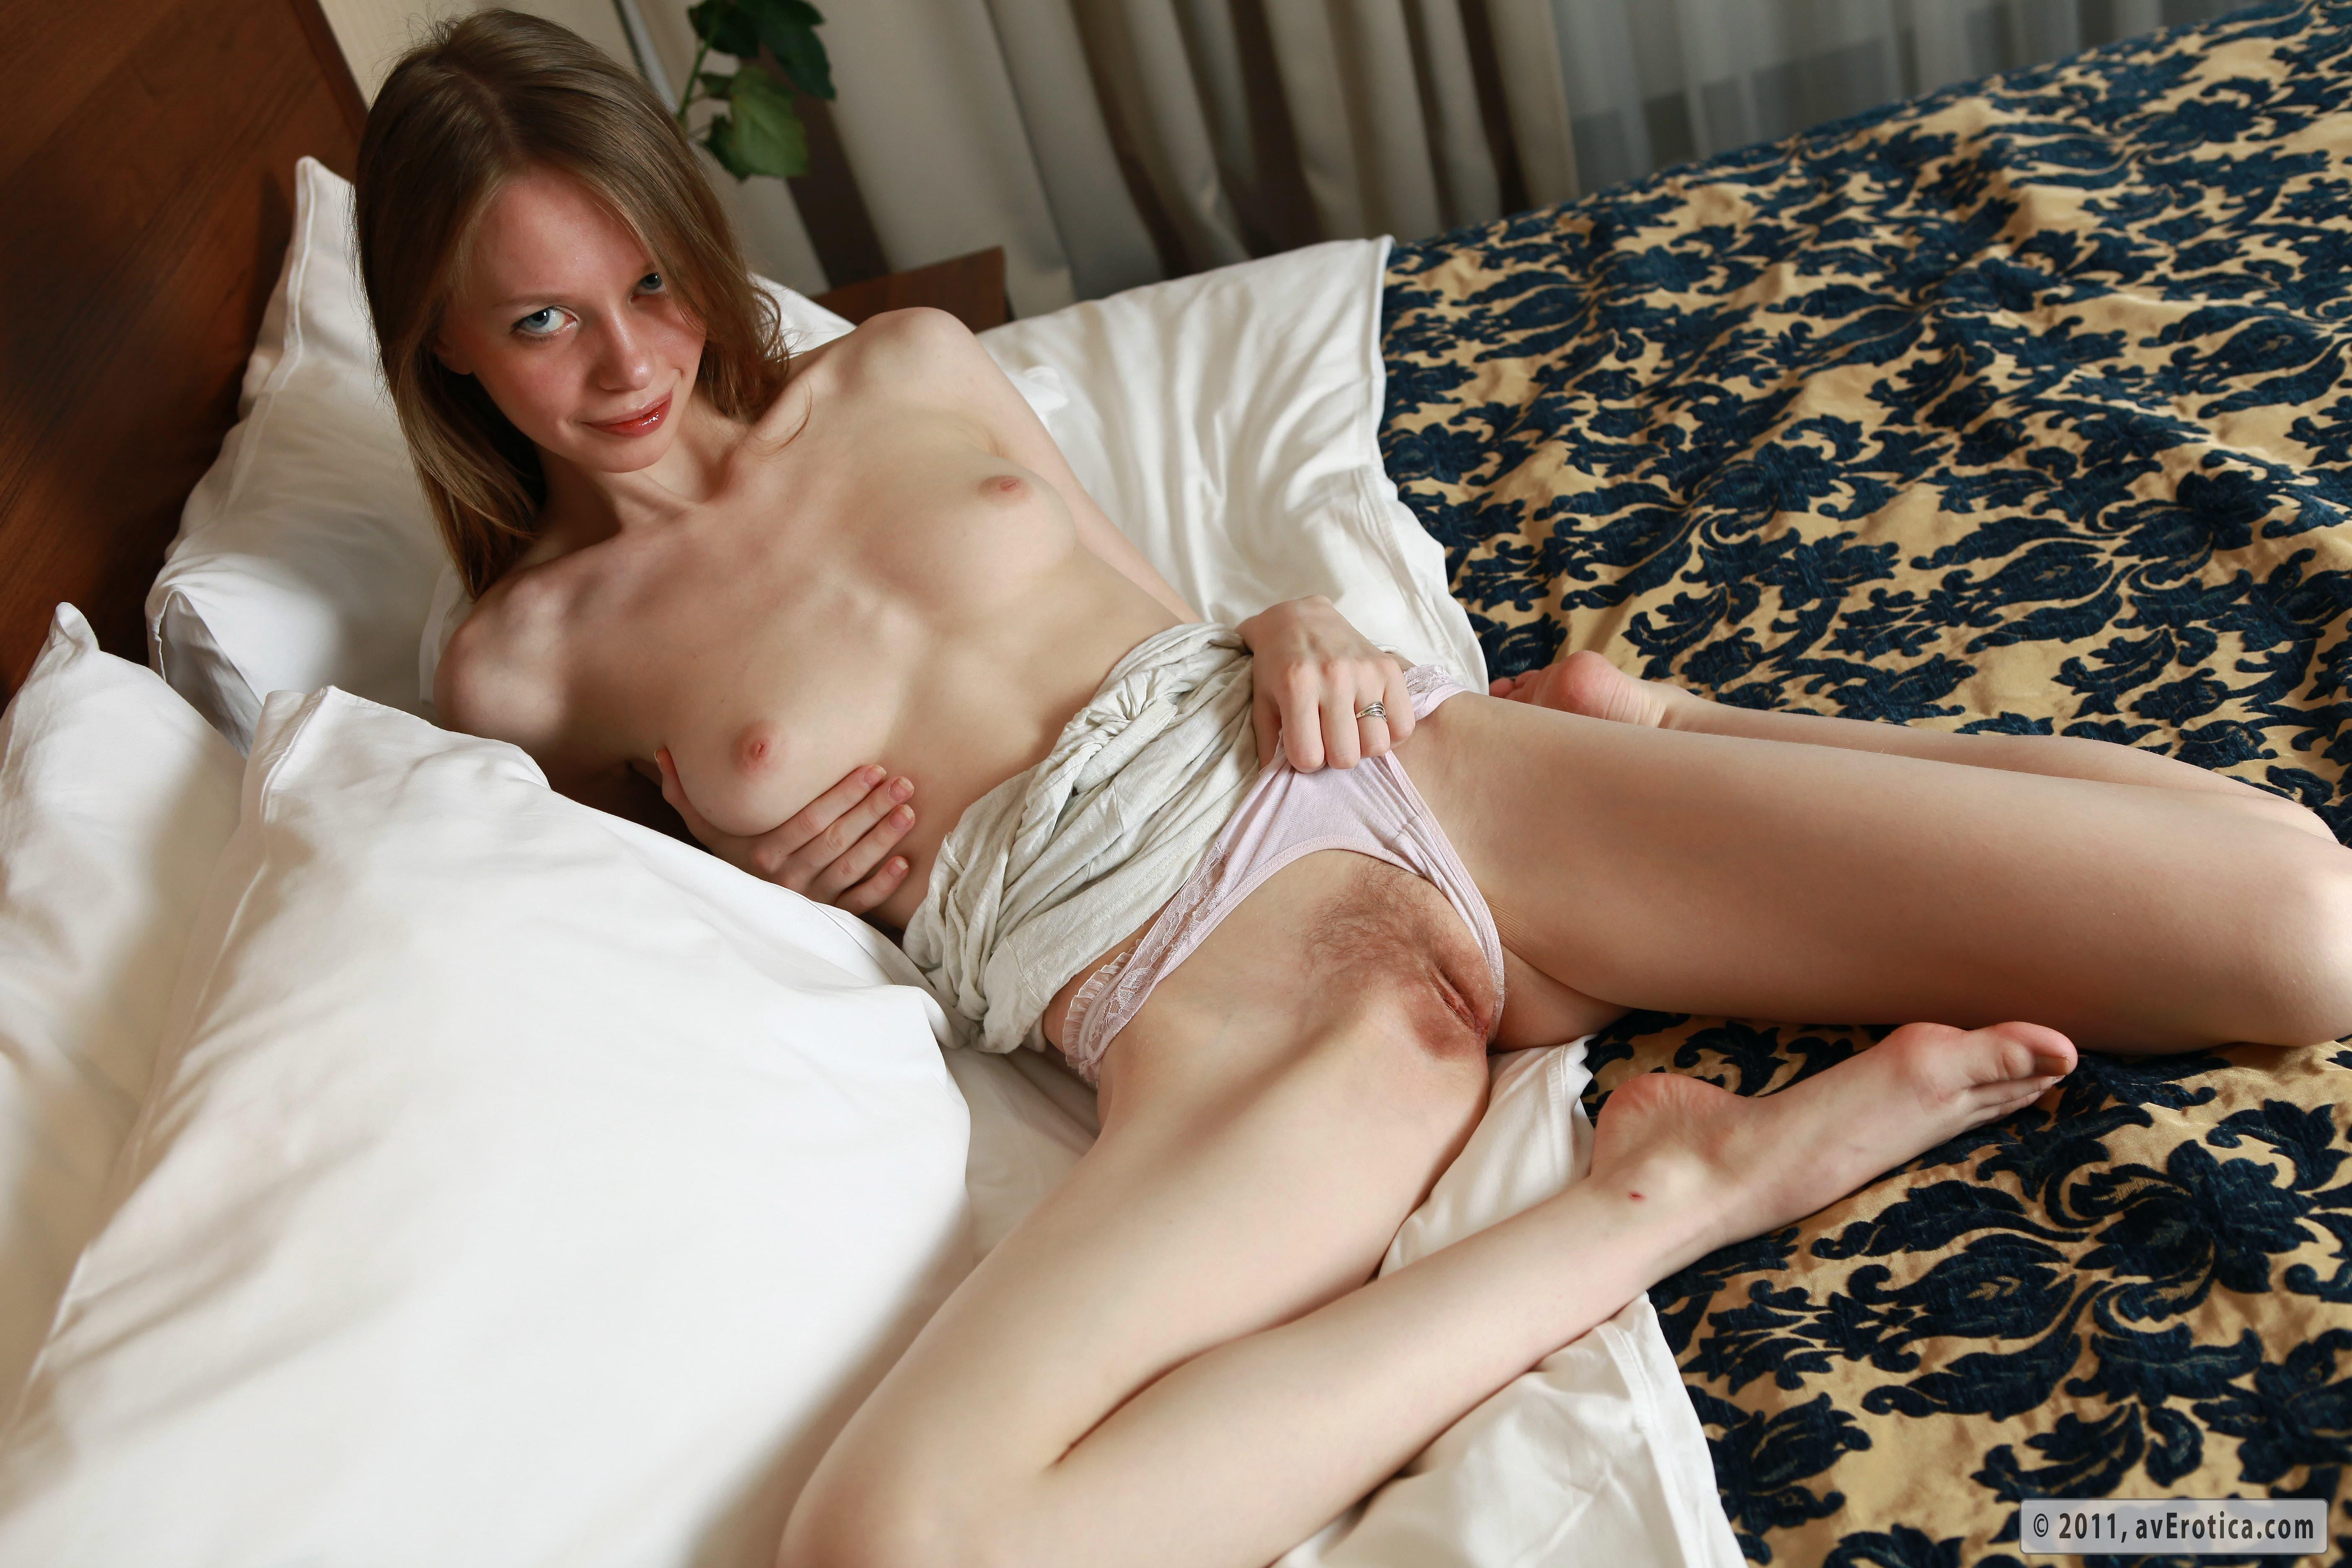 Милашка показывает промежность в постели - фото